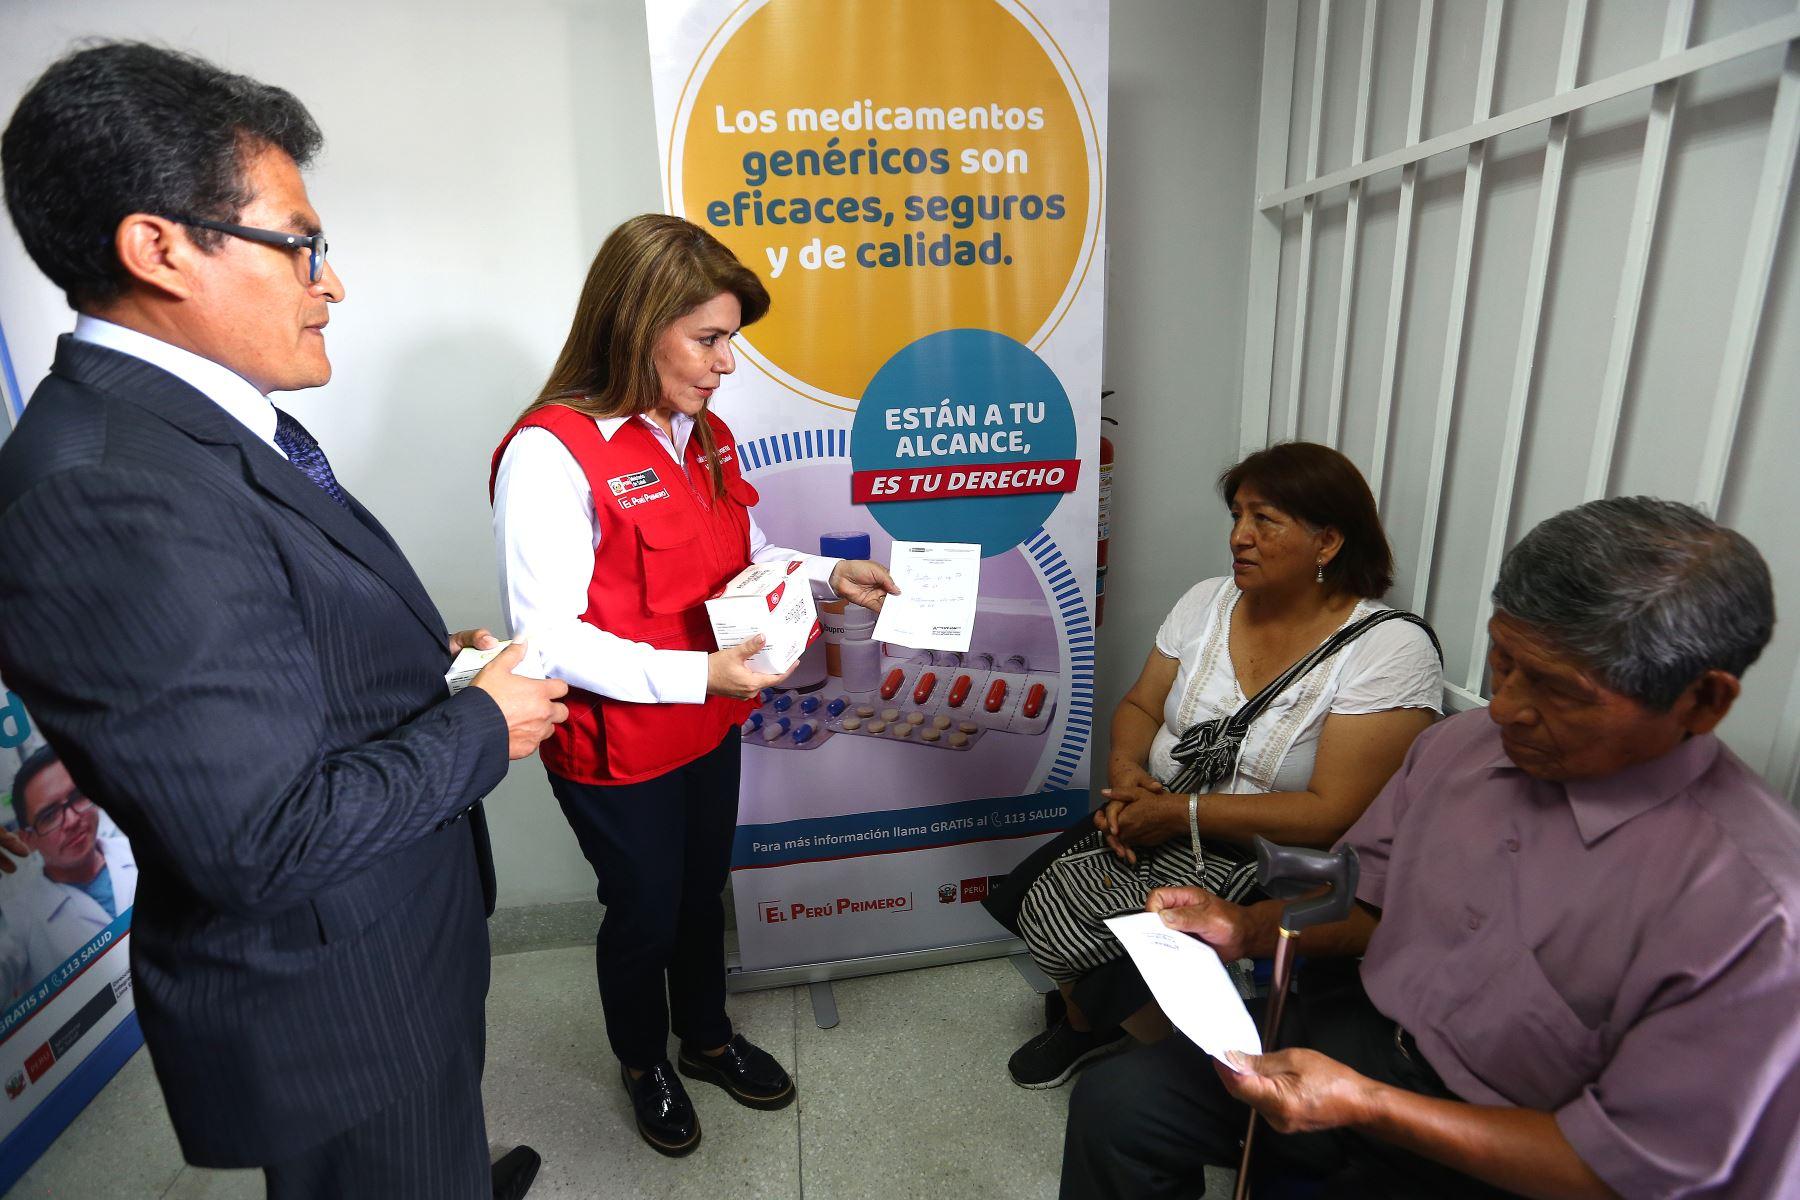 """Ministra de Salud  Elizabeth Hinostroza, inaugura en el Agustino, Farmacia institucional """"FARMADIRIS"""".Foto:ANDINA/Héctor Vinces."""